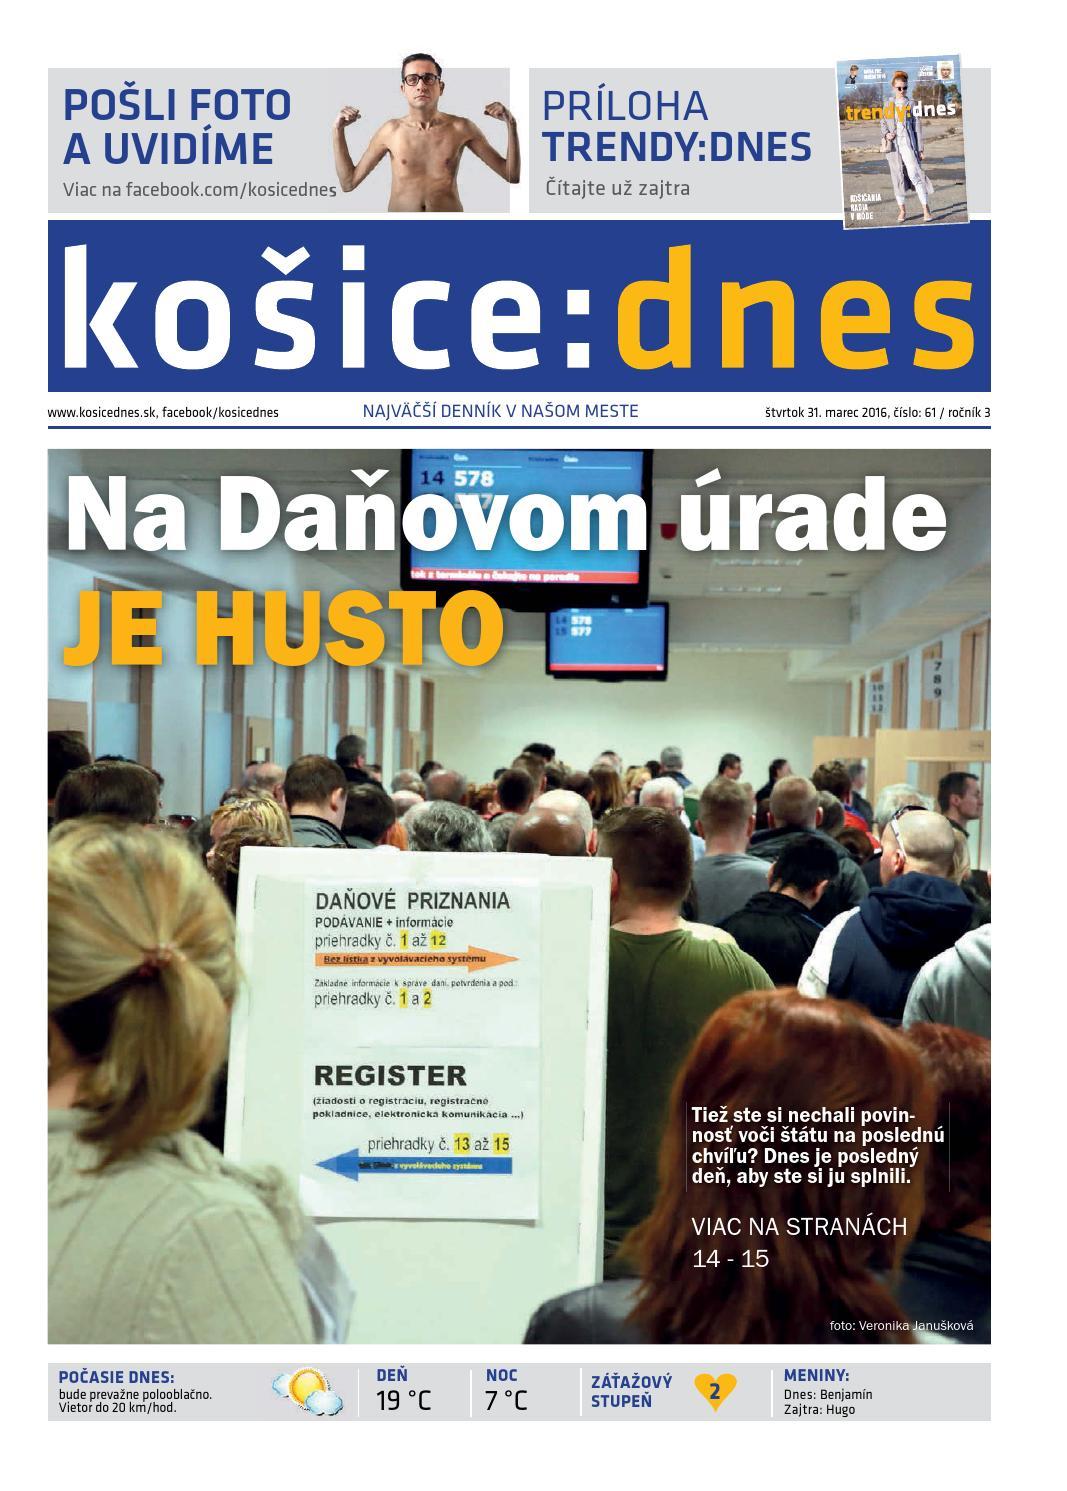 košice dnes 31.3. 2016 by KOŠICE DNES - issuu 805e2bb8800